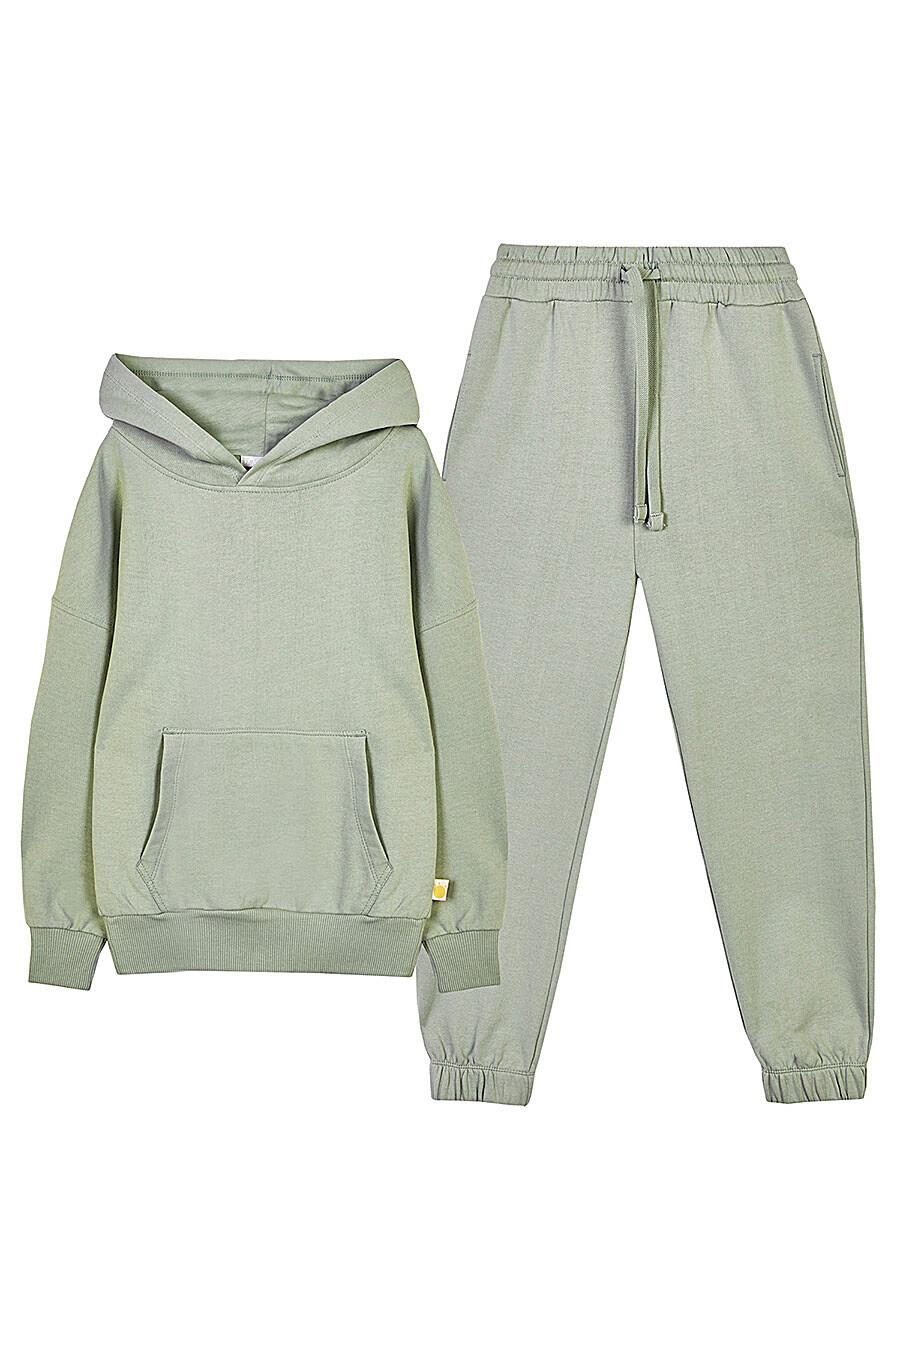 Костюм (Брюки+Худи) для мальчиков KOGANKIDS 682771 купить оптом от производителя. Совместная покупка детской одежды в OptMoyo